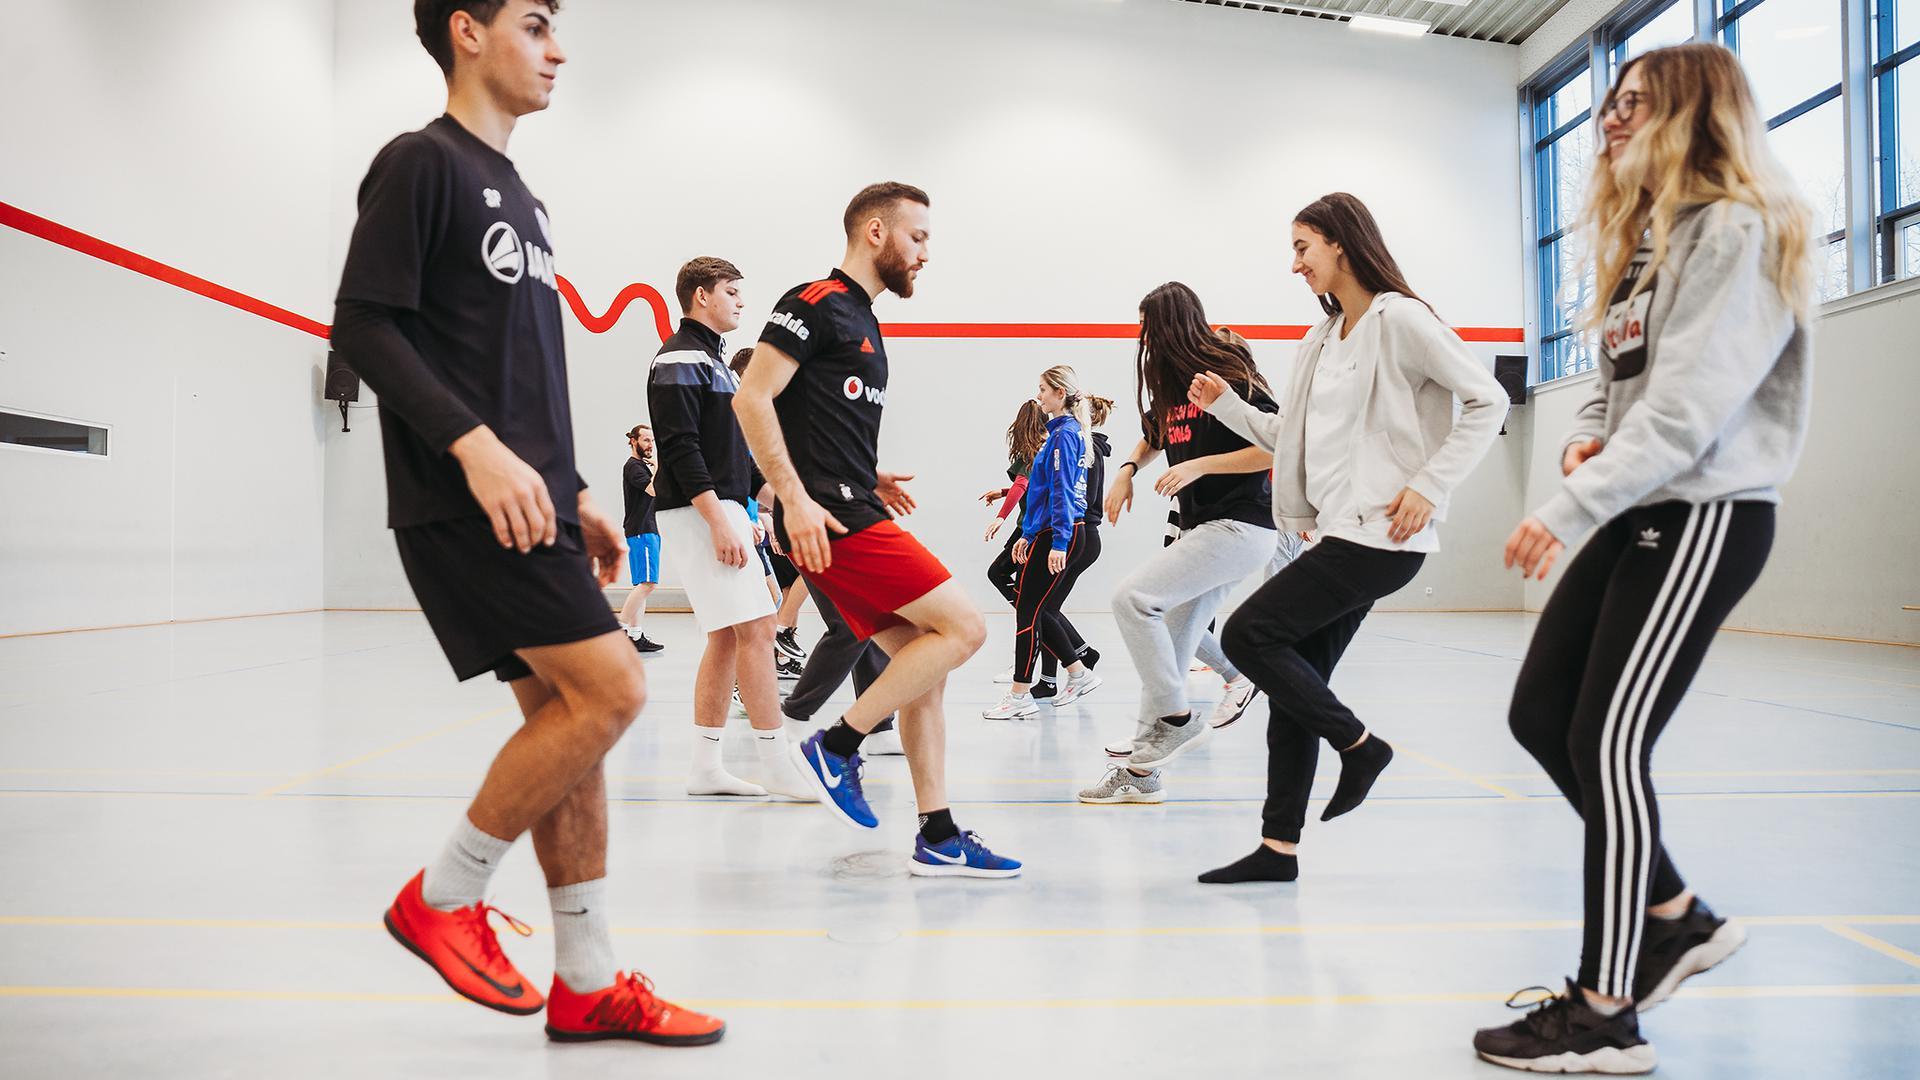 Viele der Schüler haben ihr Leben dem Sport verschrieben und möchten mithilfe der SGKA ihr Hobby zum Beruf machen.